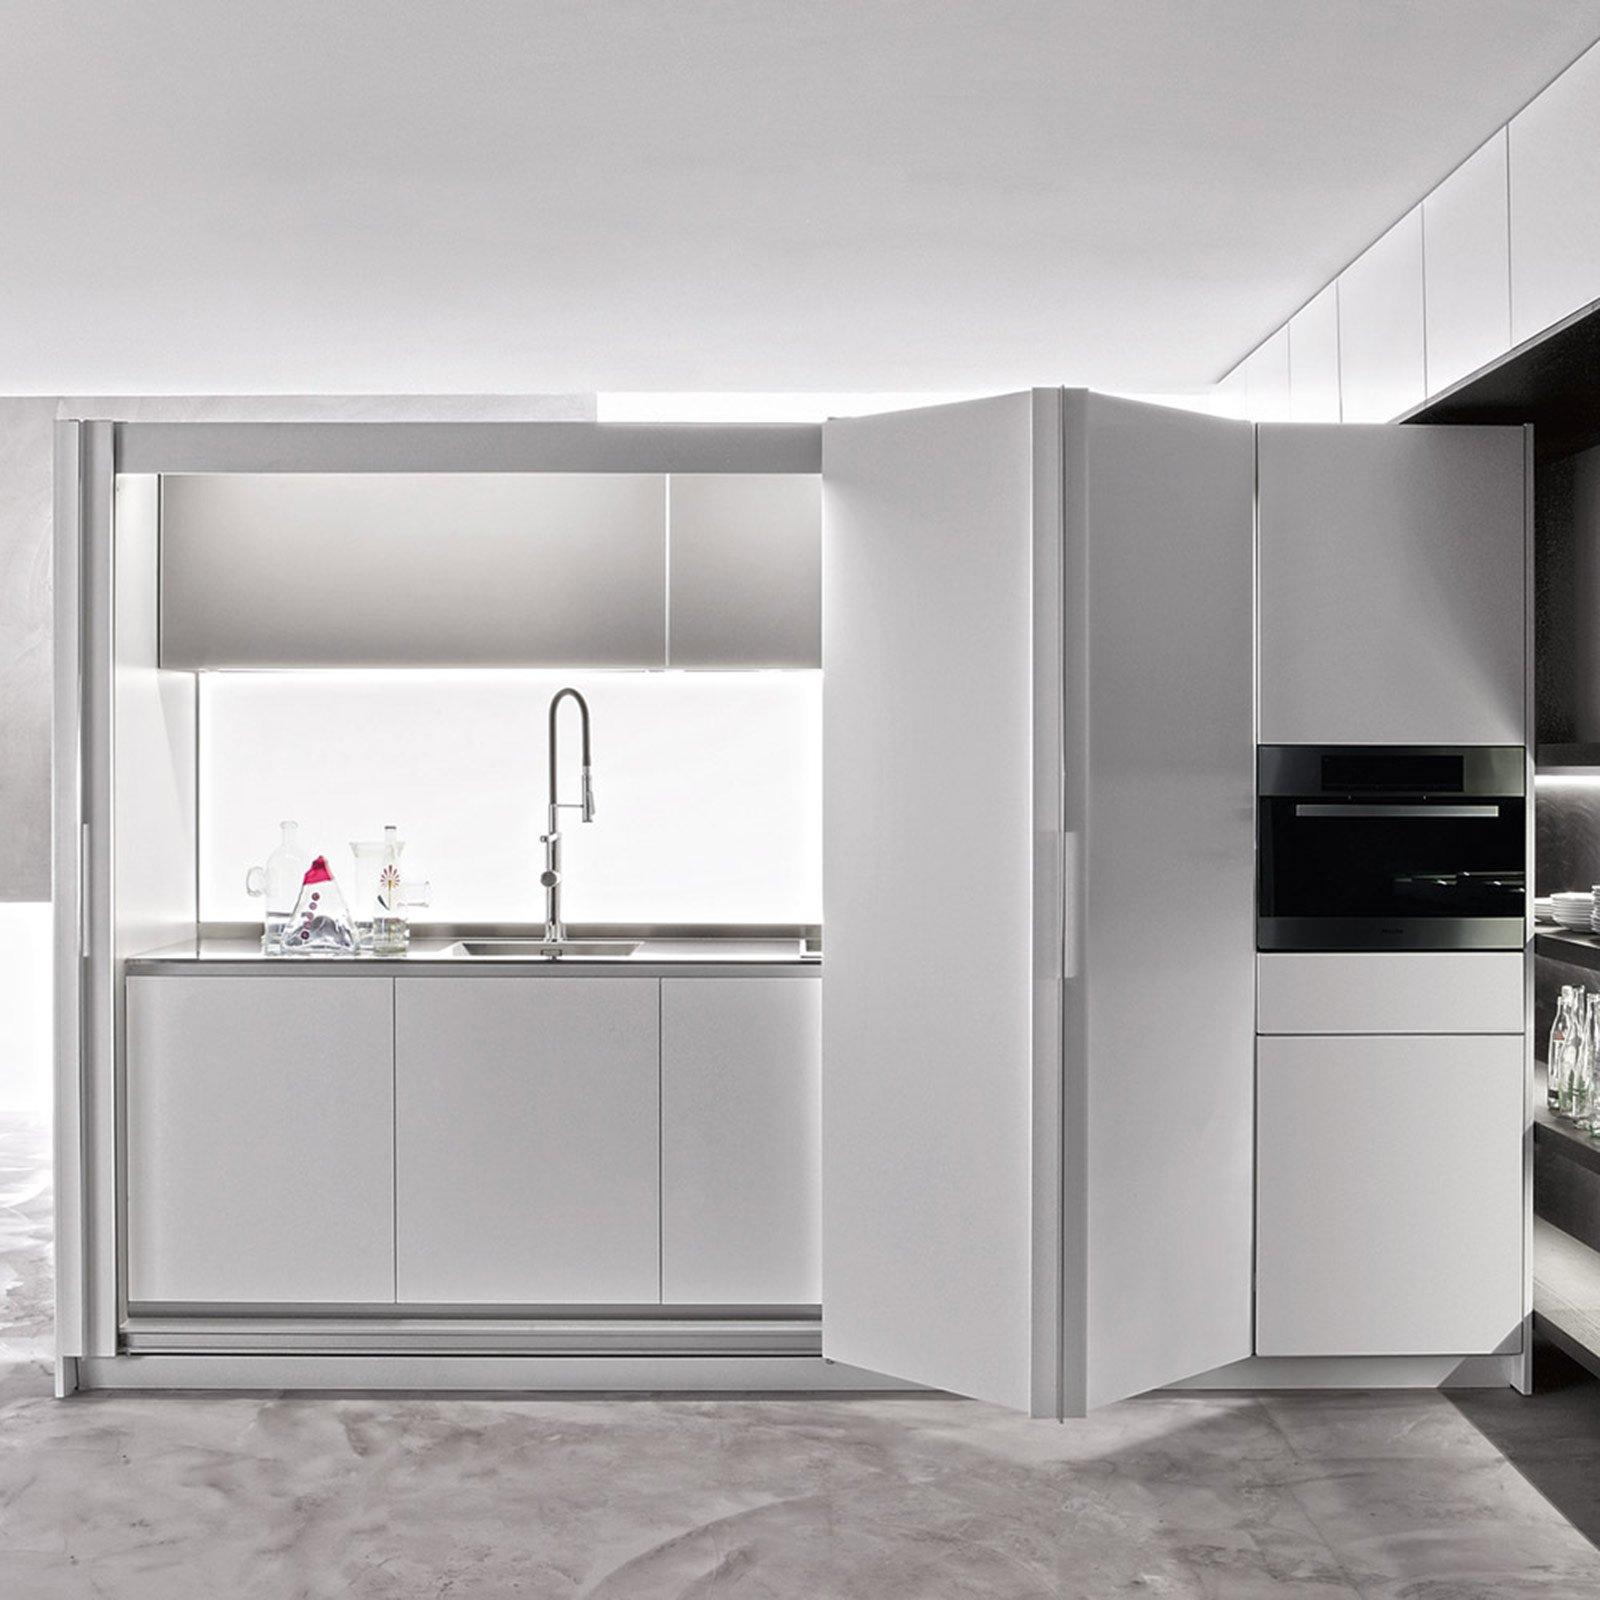 Clicca Sulle Immagini Per Vederle Full Screen #6A6661 1600 1600 Armadio Per Cucina IKEA